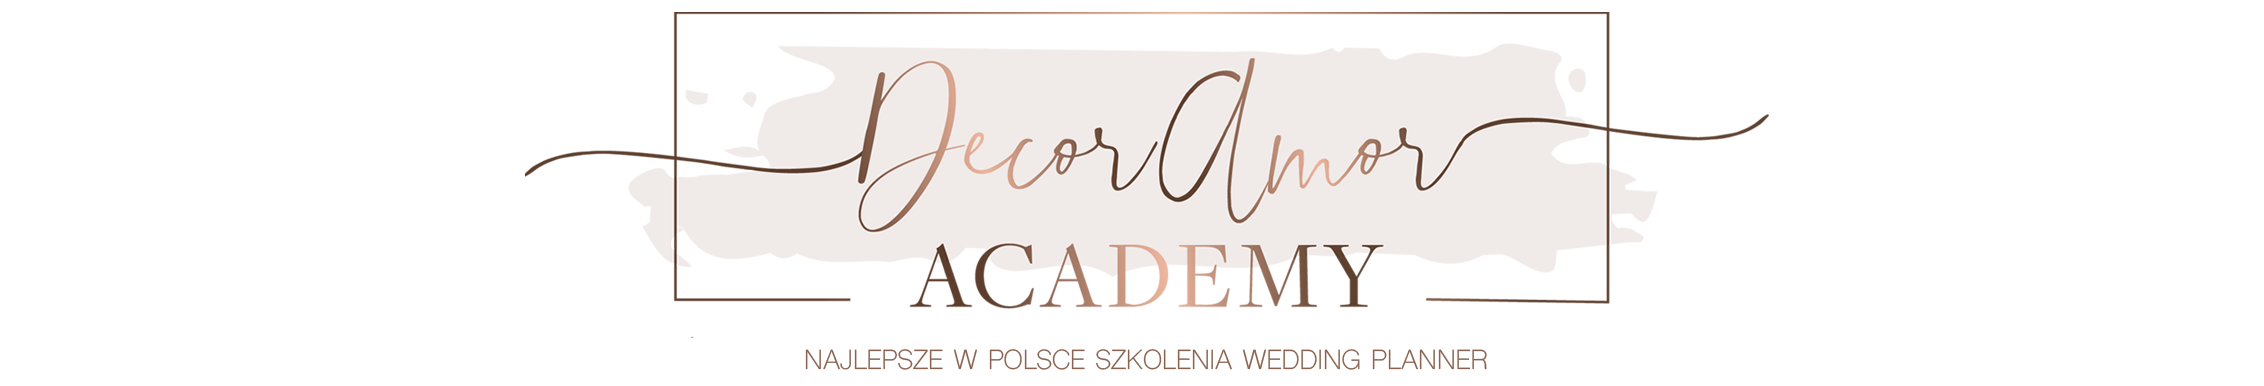 DecorAmor Academy –  Kursy i Szkolenia Wedding Planner